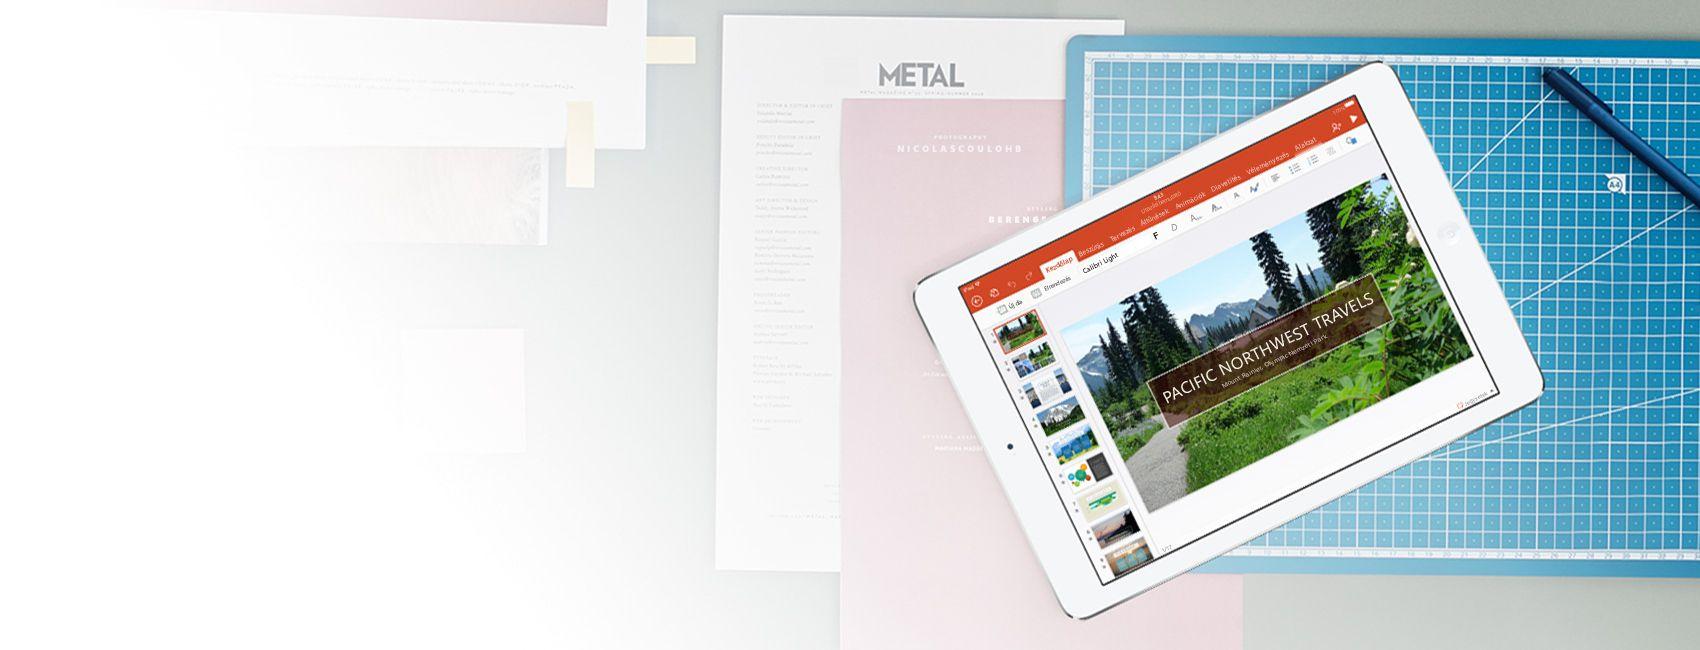 Egy iPad, amelynek a képernyőjén egy PowerPoint-bemutató látható a Pacific Northwest Travels cégről